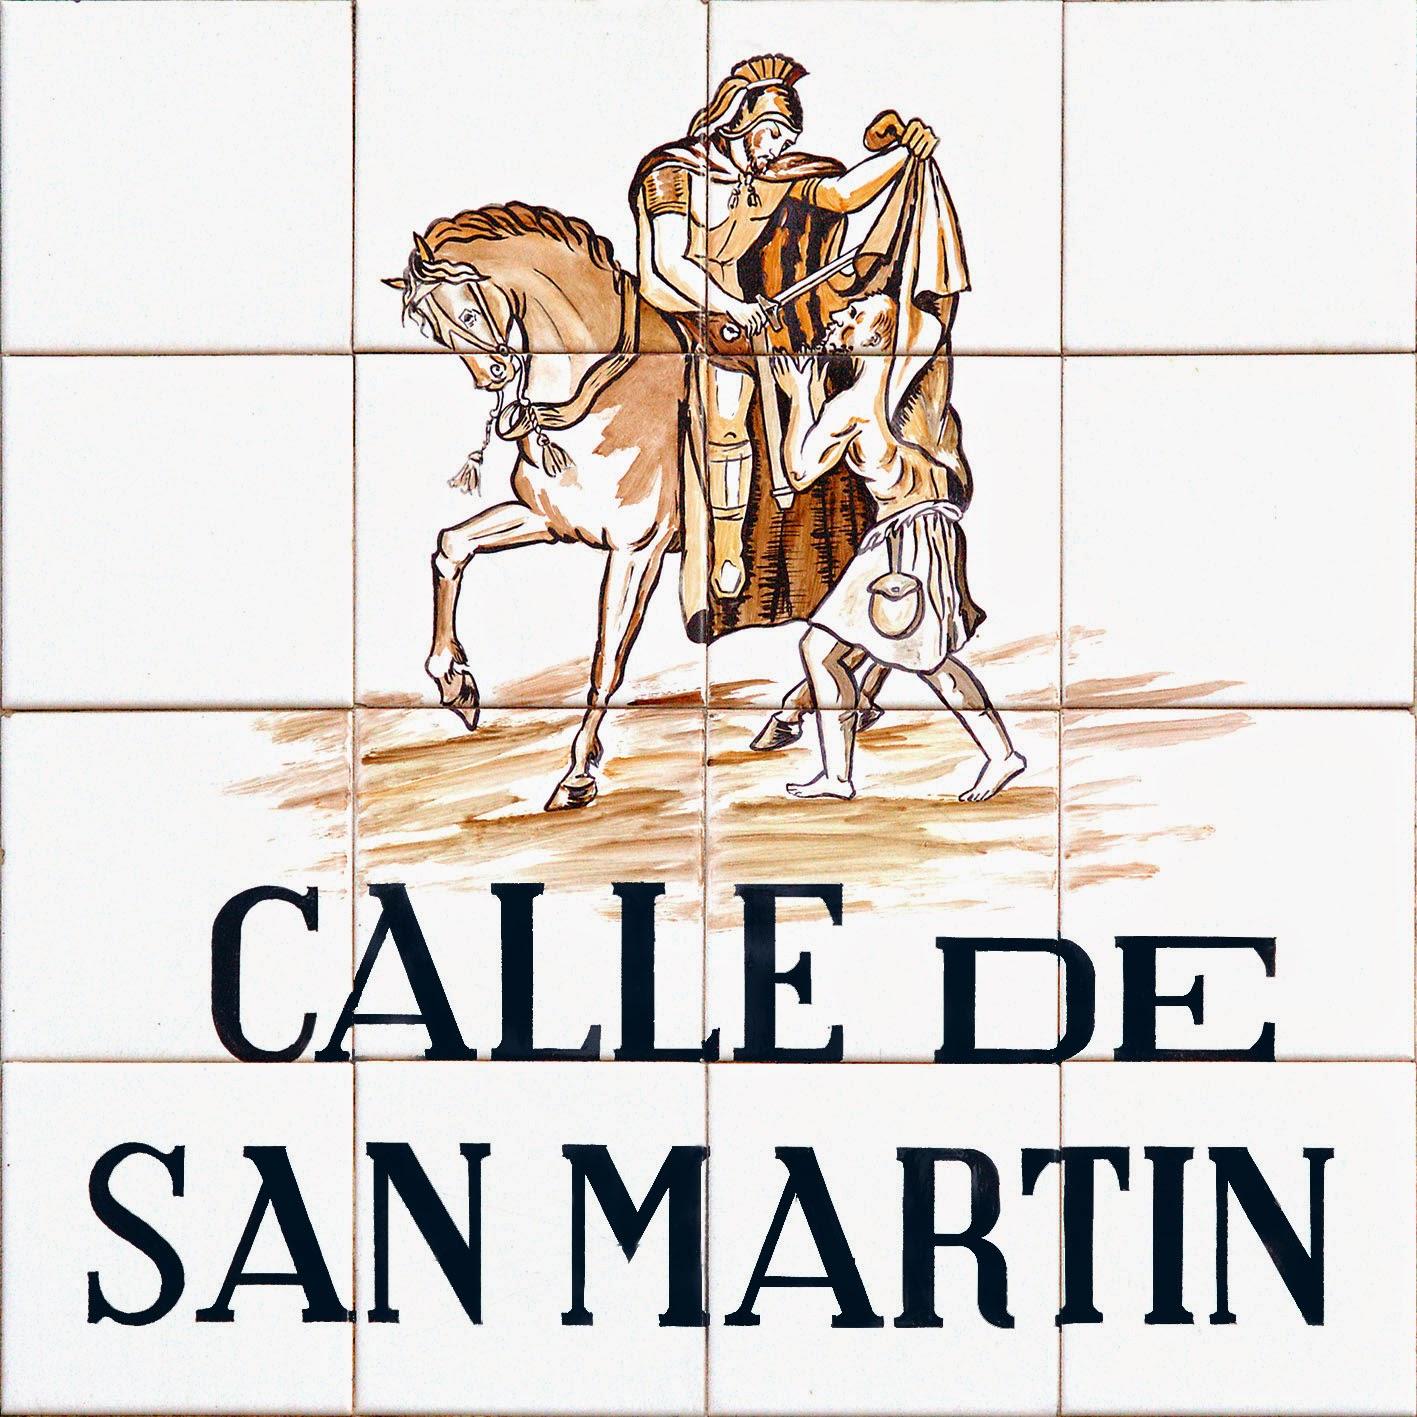 Calle de San Martín